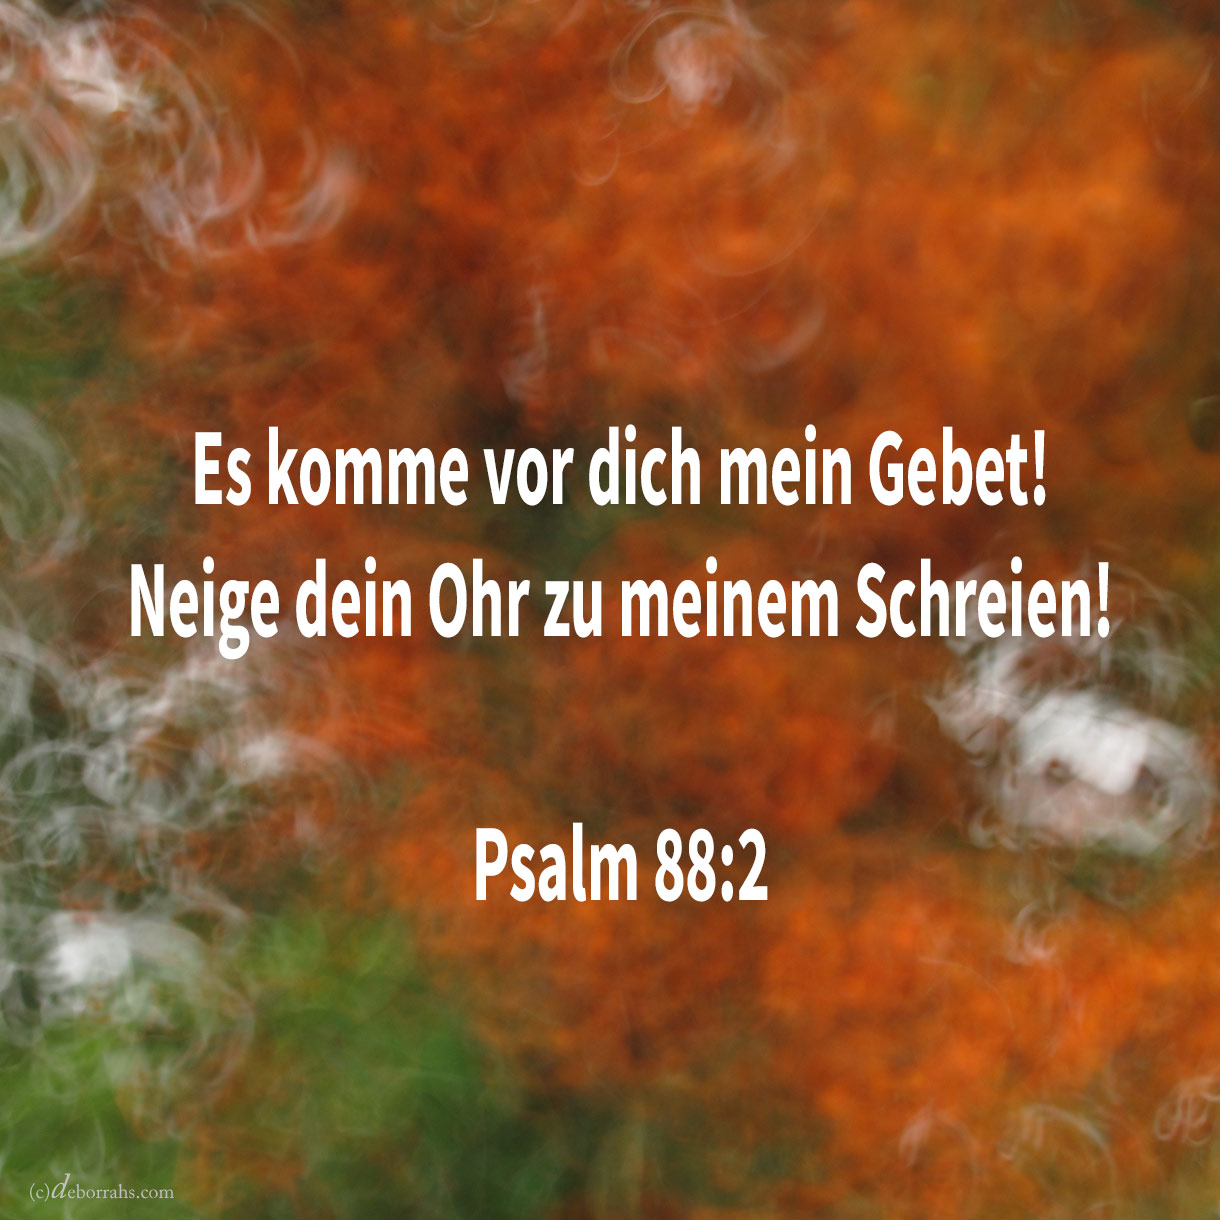 Es komme vor dich mein Gebet! neige dein Ohr zu meinem Schreien ( Psalm 88:2 )